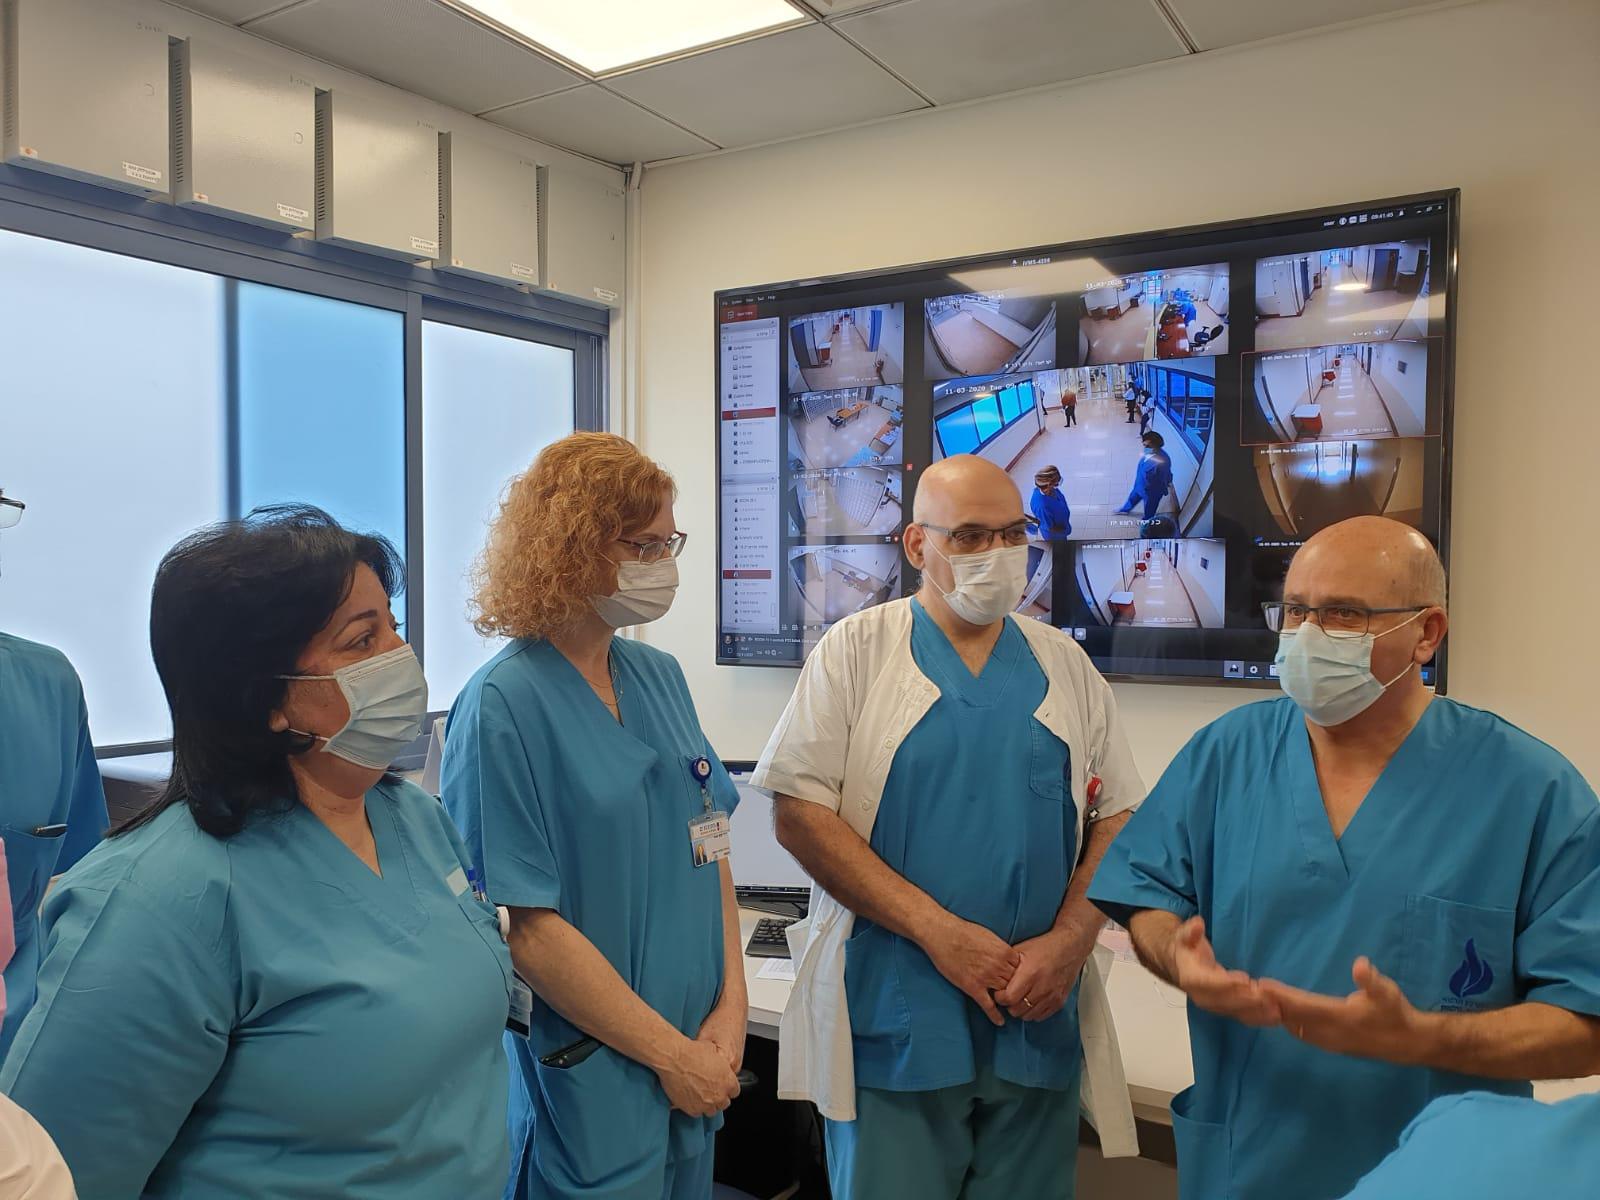 חזי לוי ענת אנגל רופאים צילום המרכז הרפואי וולפסון